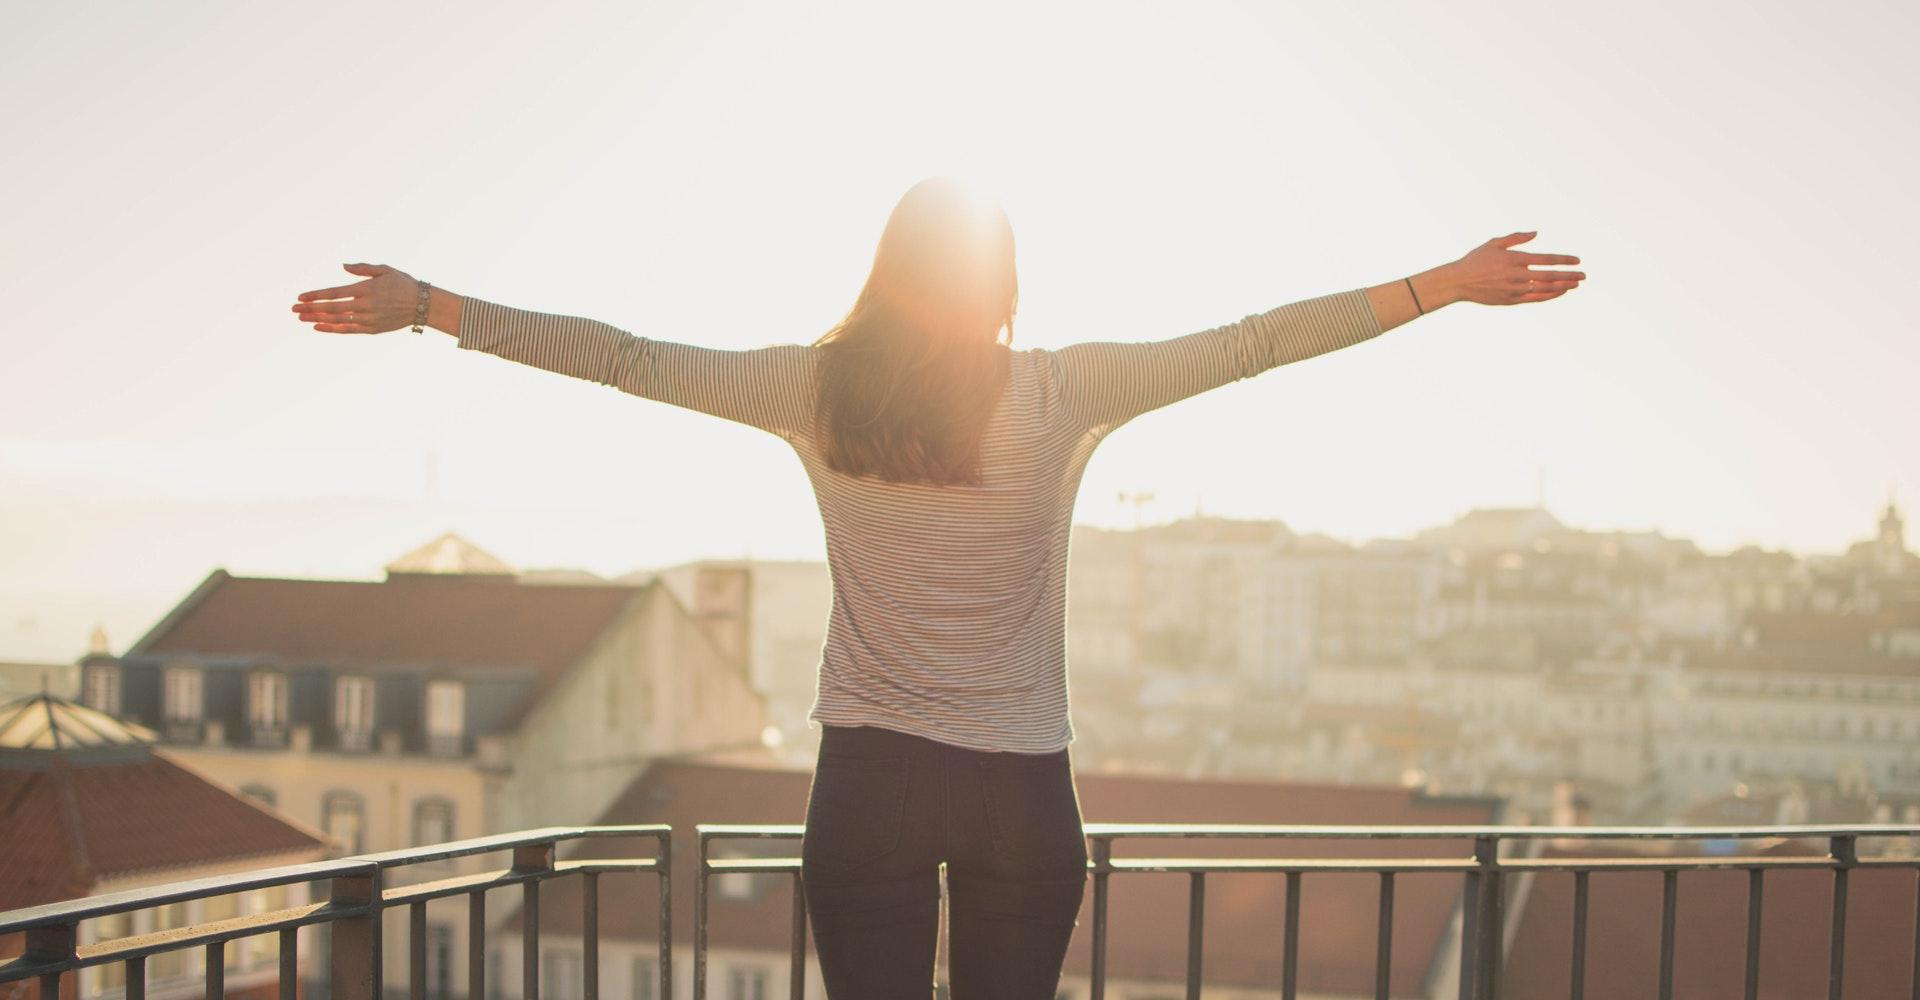 É hora de você vencer: coisas simples que farão toda diferença